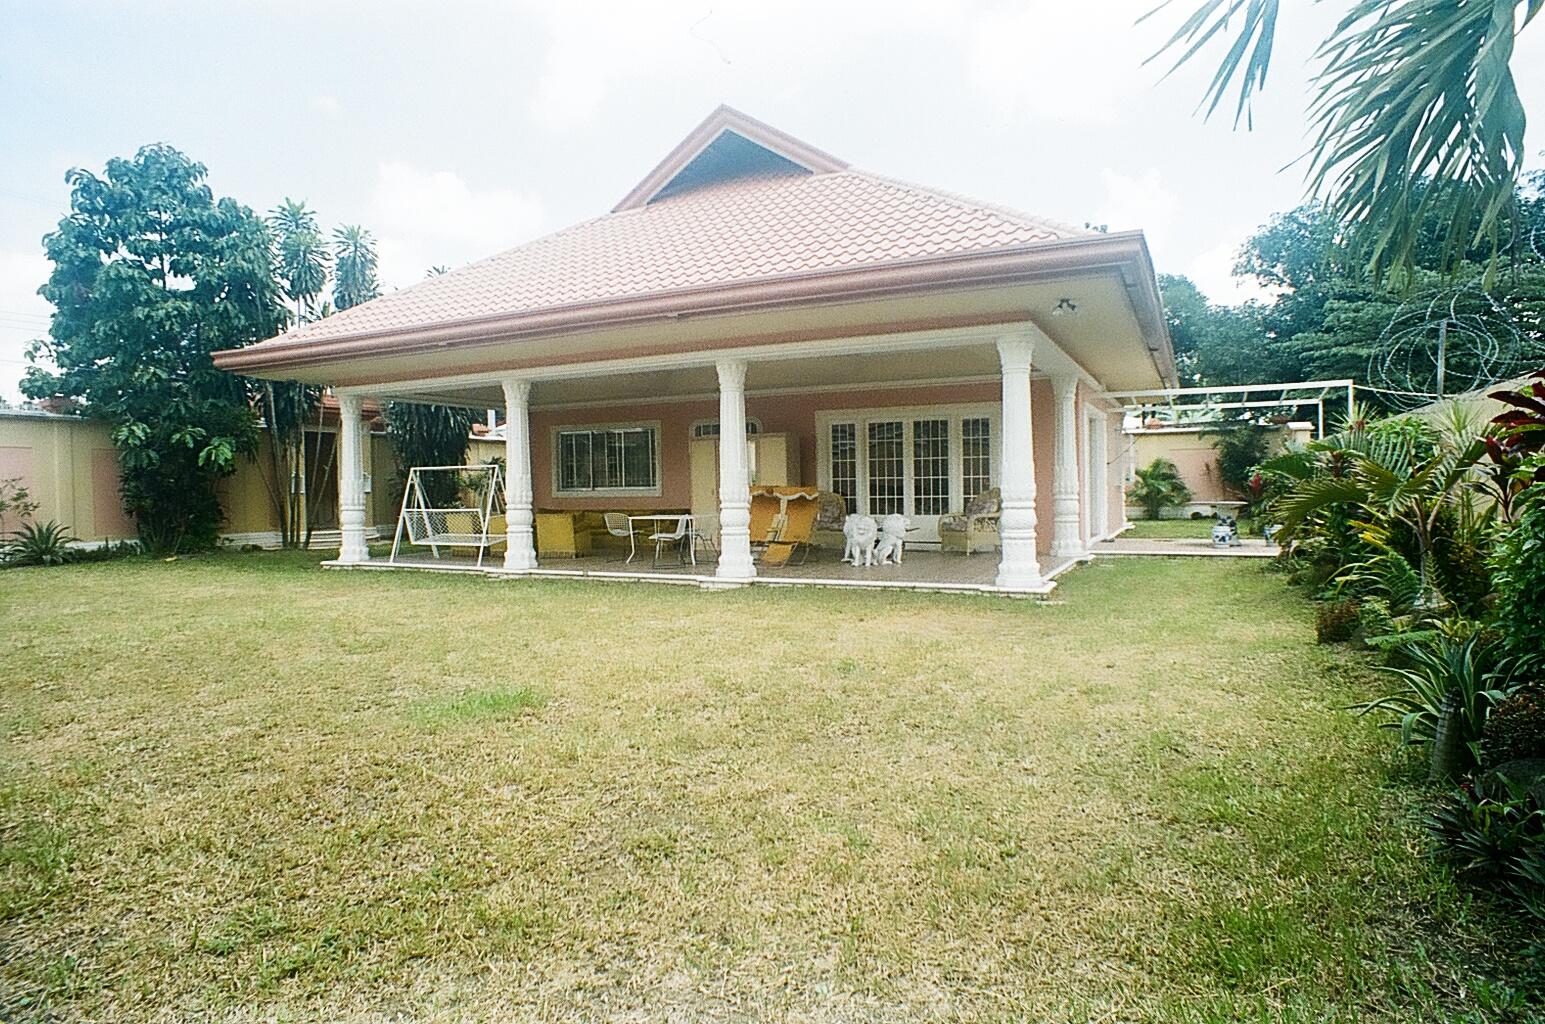 Venda casa de campo angeles pampanga filipinas timog - Casa de campo park ...